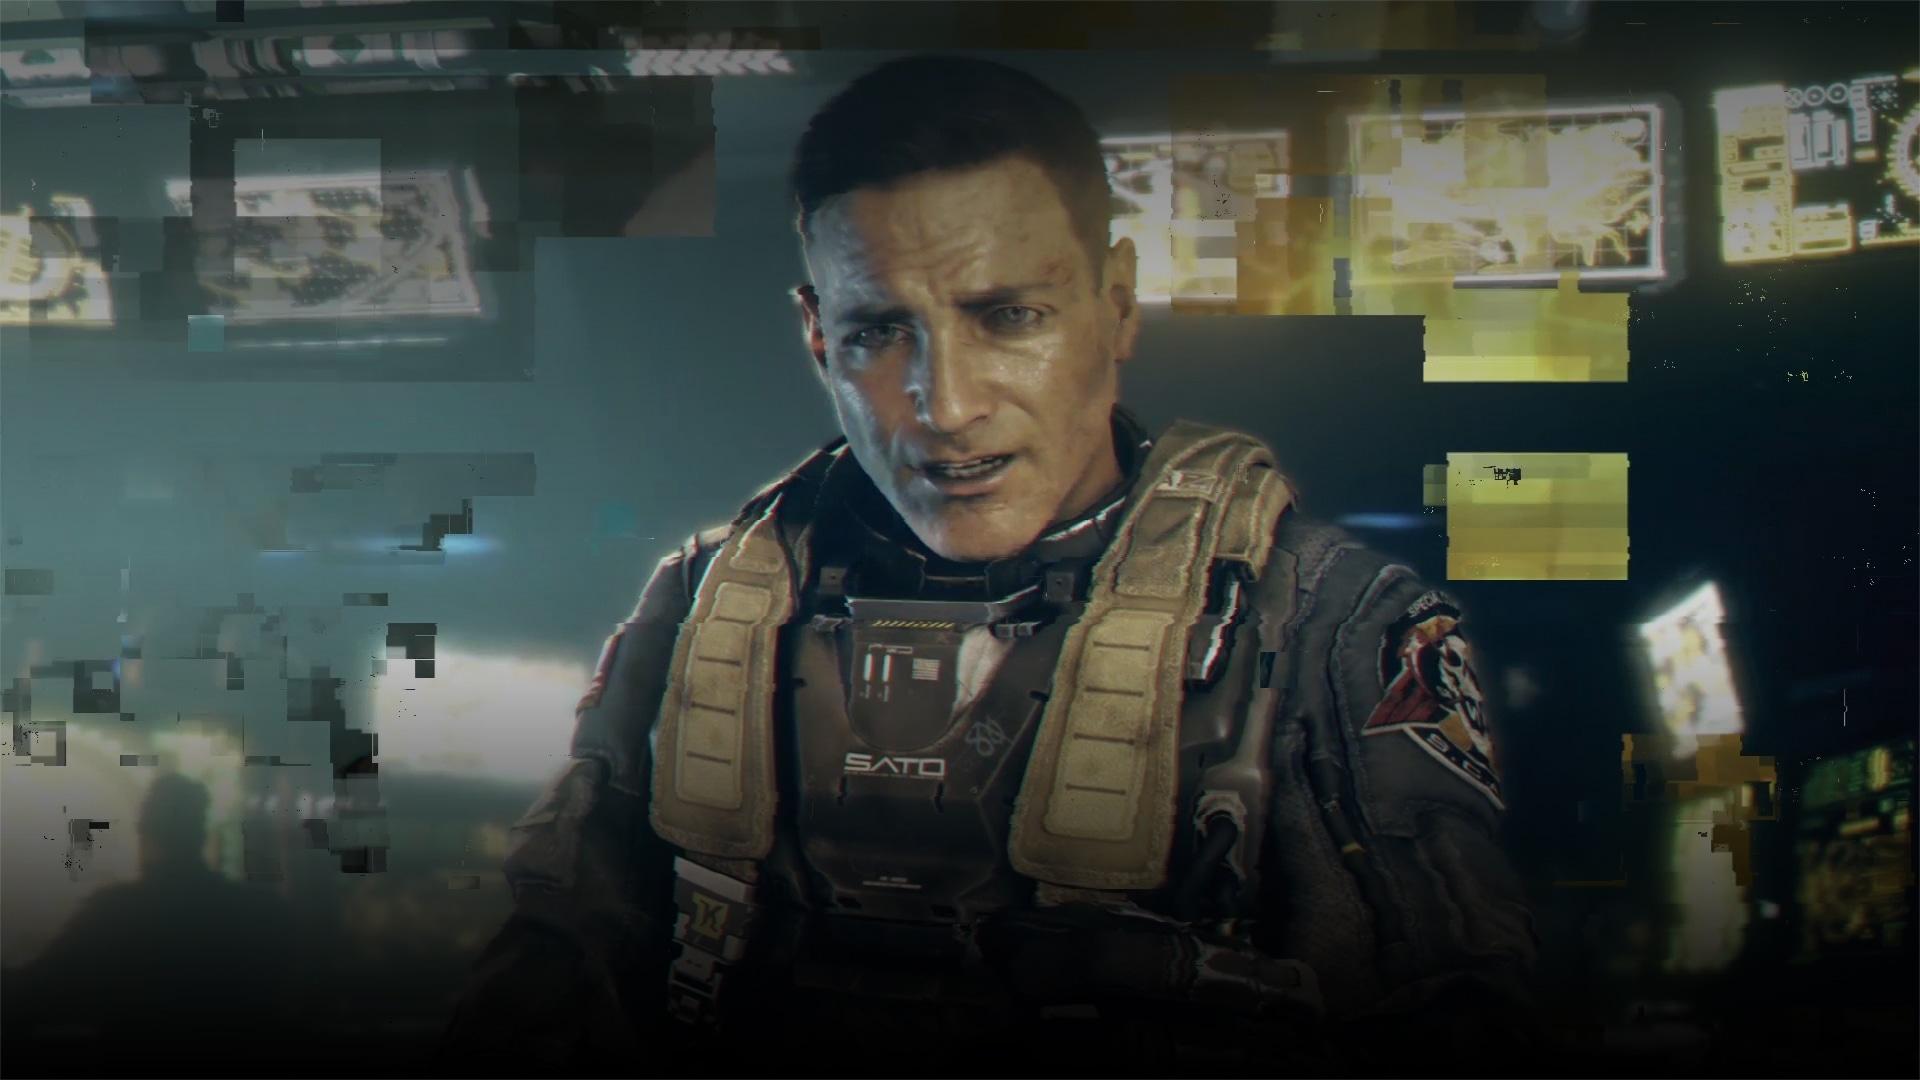 Battlefield 1 official reveal trailer 2016 world war 1 - 1 4